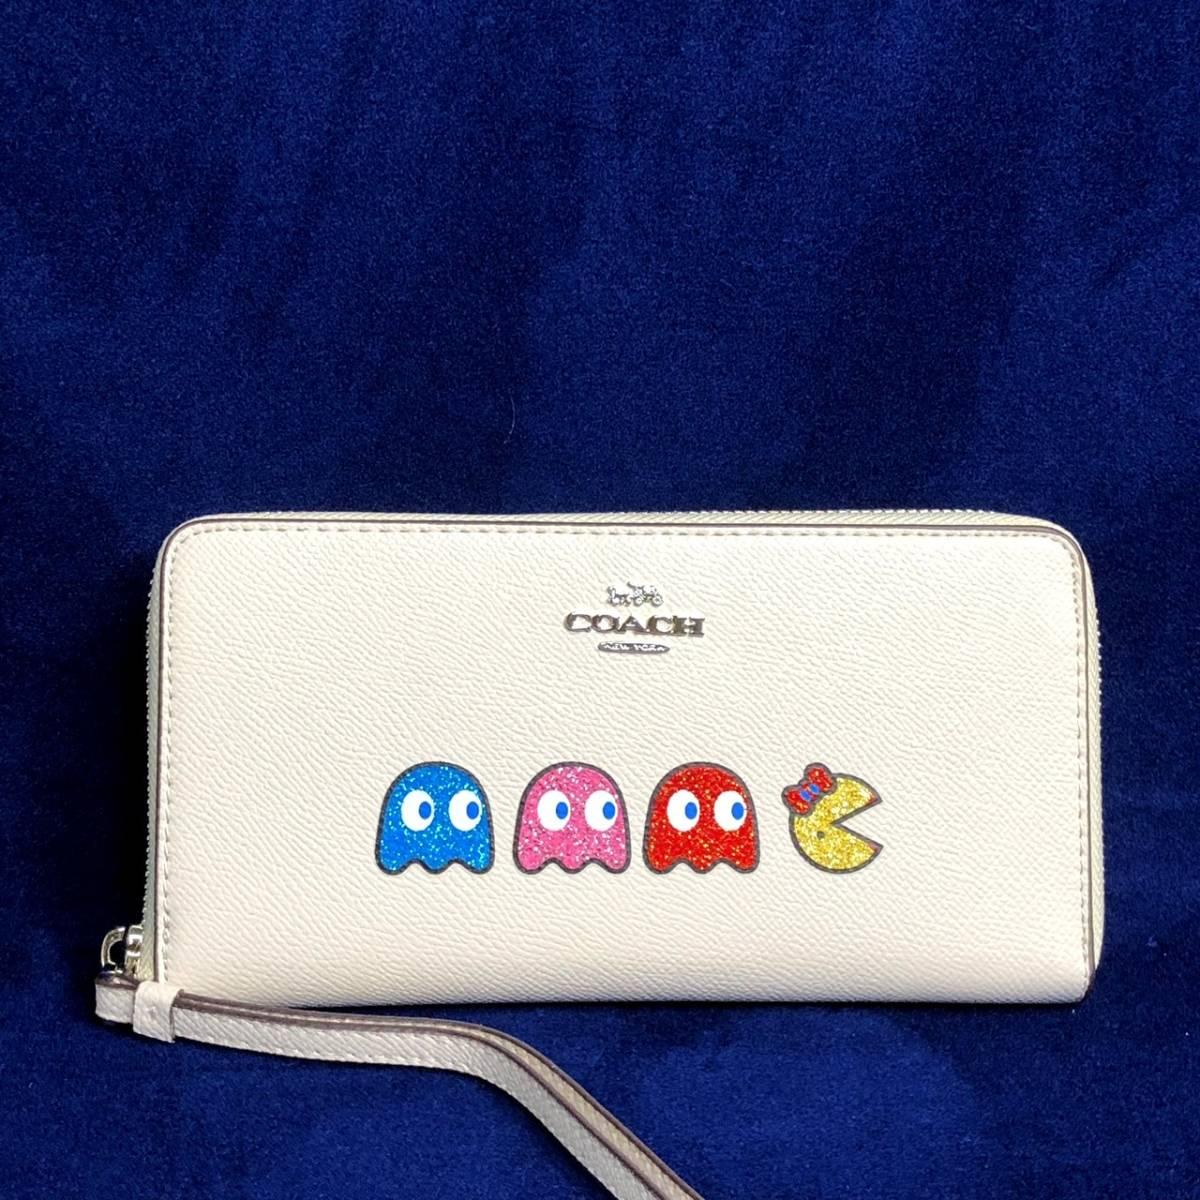 COACH/レザーパックマンゴースト マルチカラー携帯長財布/直営アウトレット